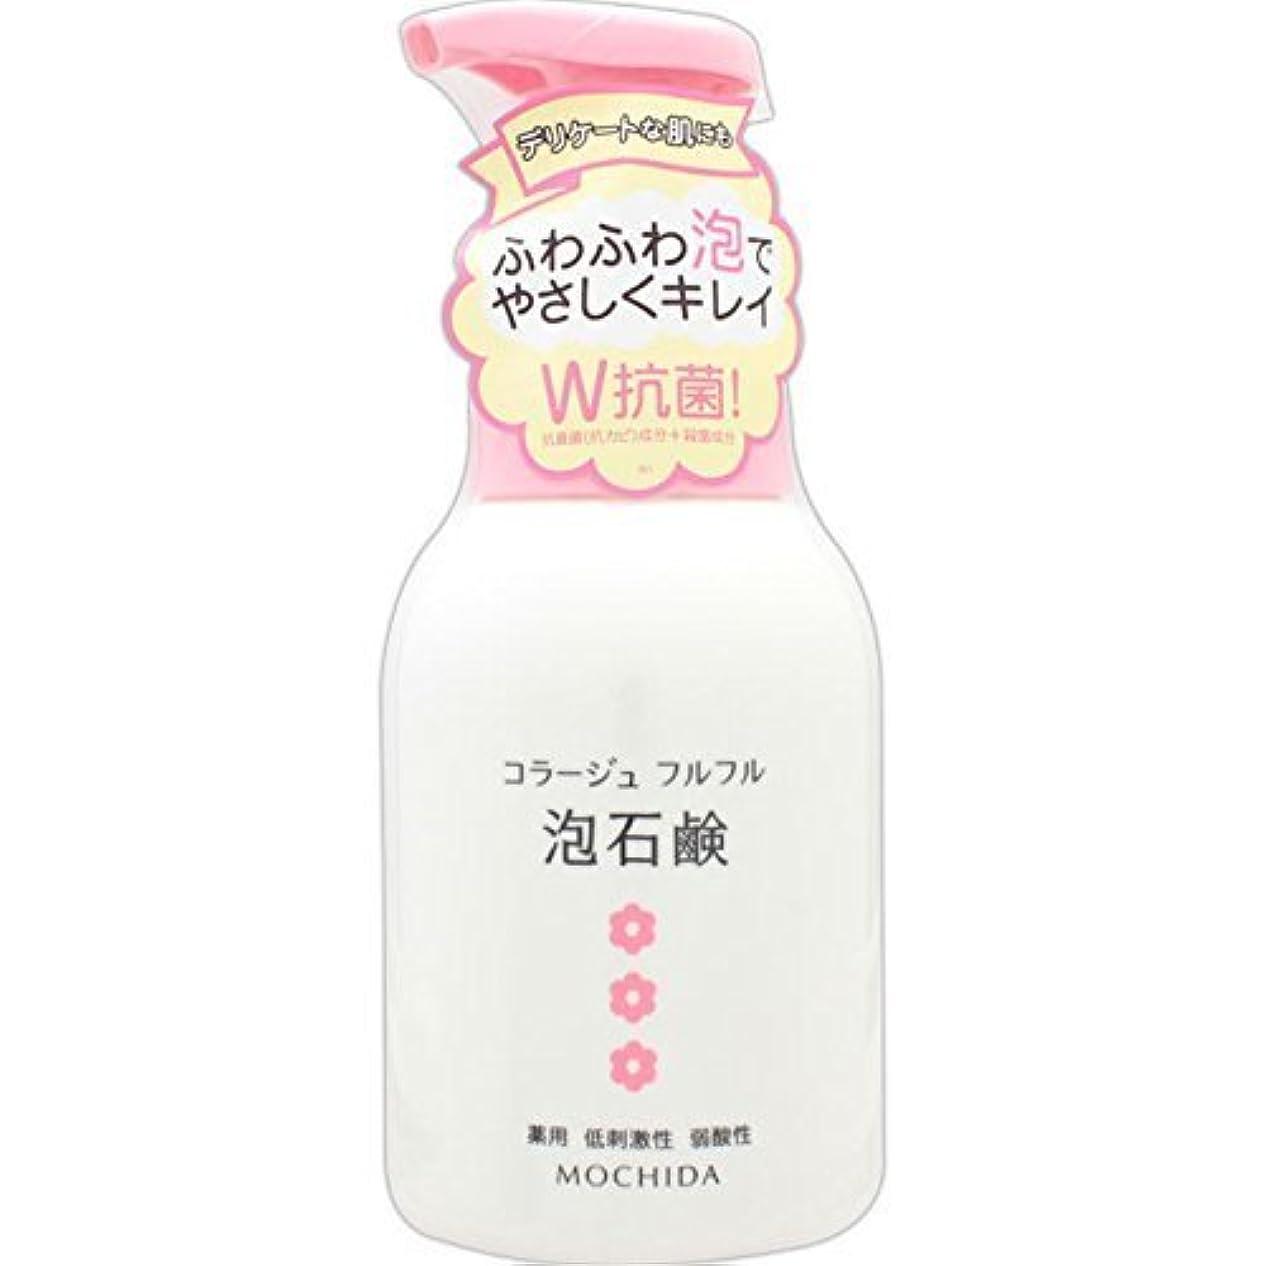 矢価格家コラージュフルフル 泡石鹸 ピンク 300m L (医薬部外品) ×2